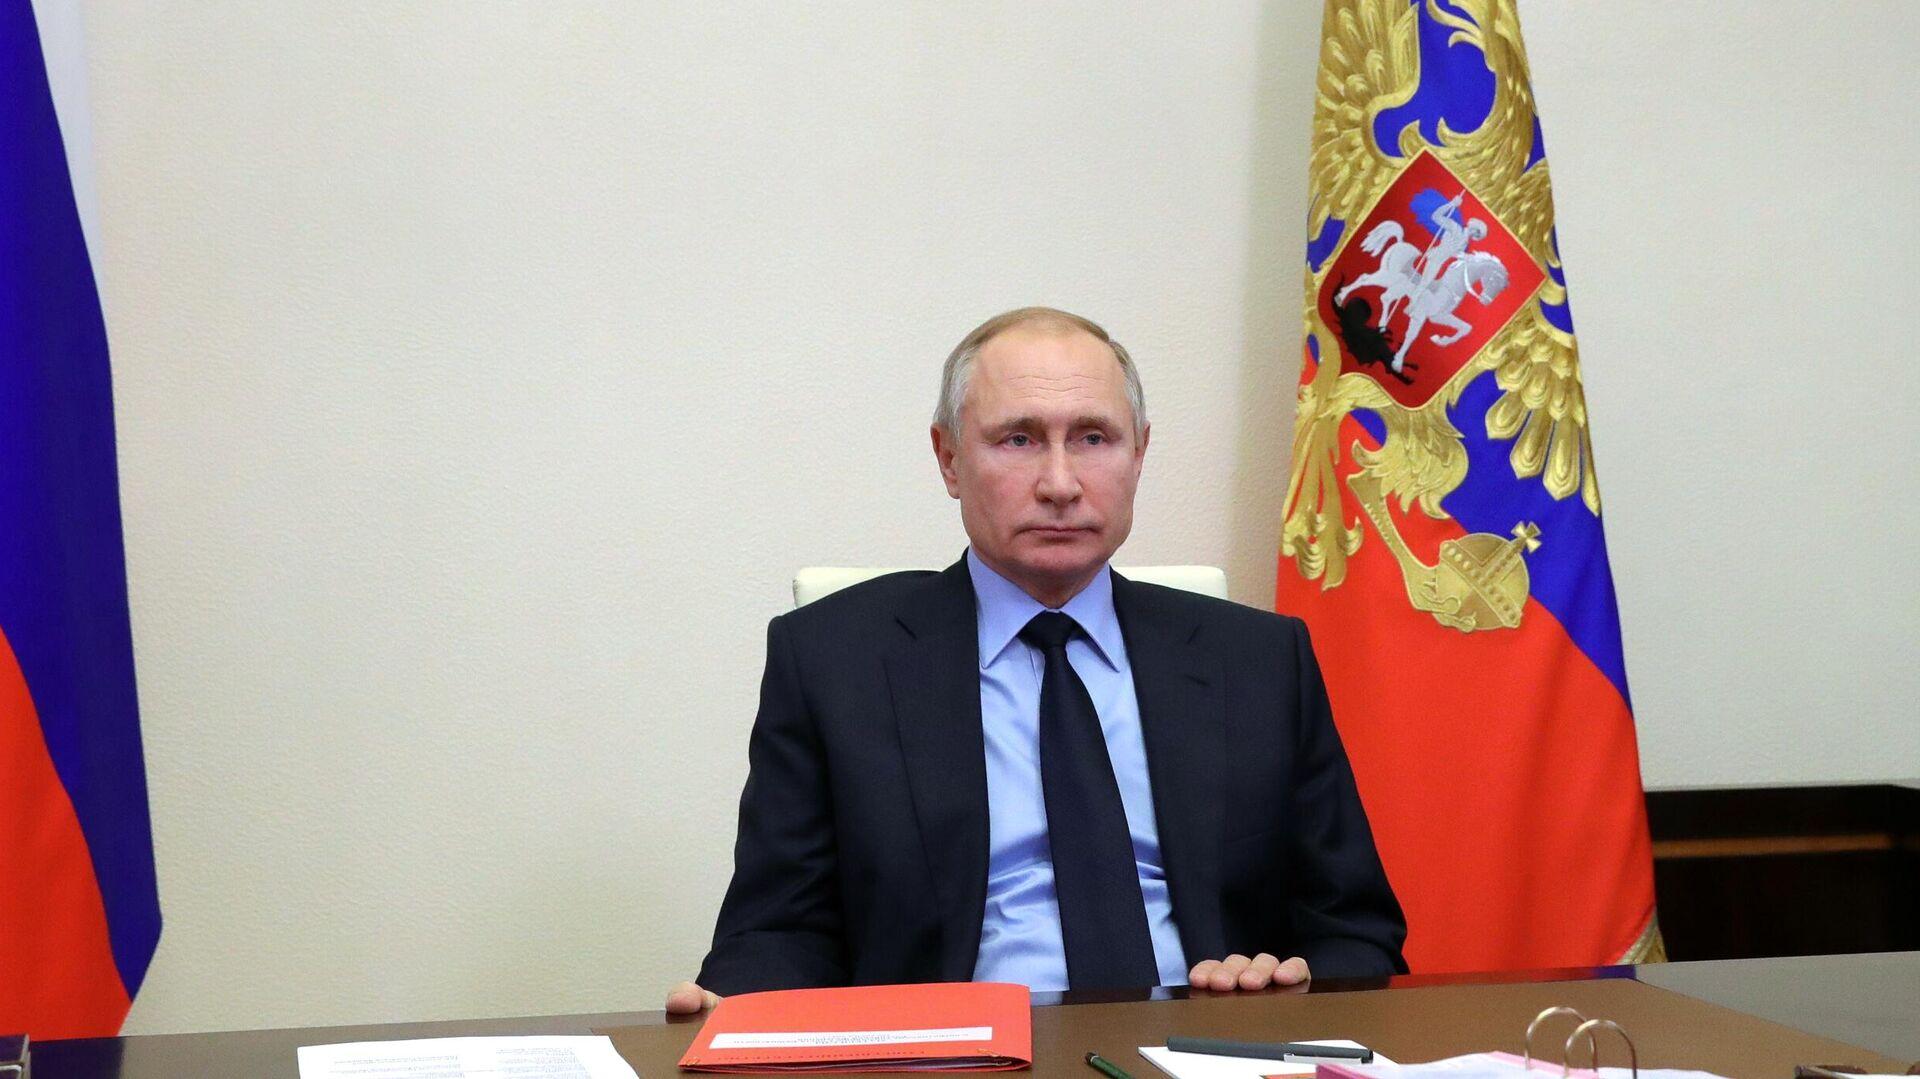 Президент РФ Владимир Путин проводит оперативное совещание с постоянными членами Совета безопасности РФ  - РИА Новости, 1920, 27.01.2021